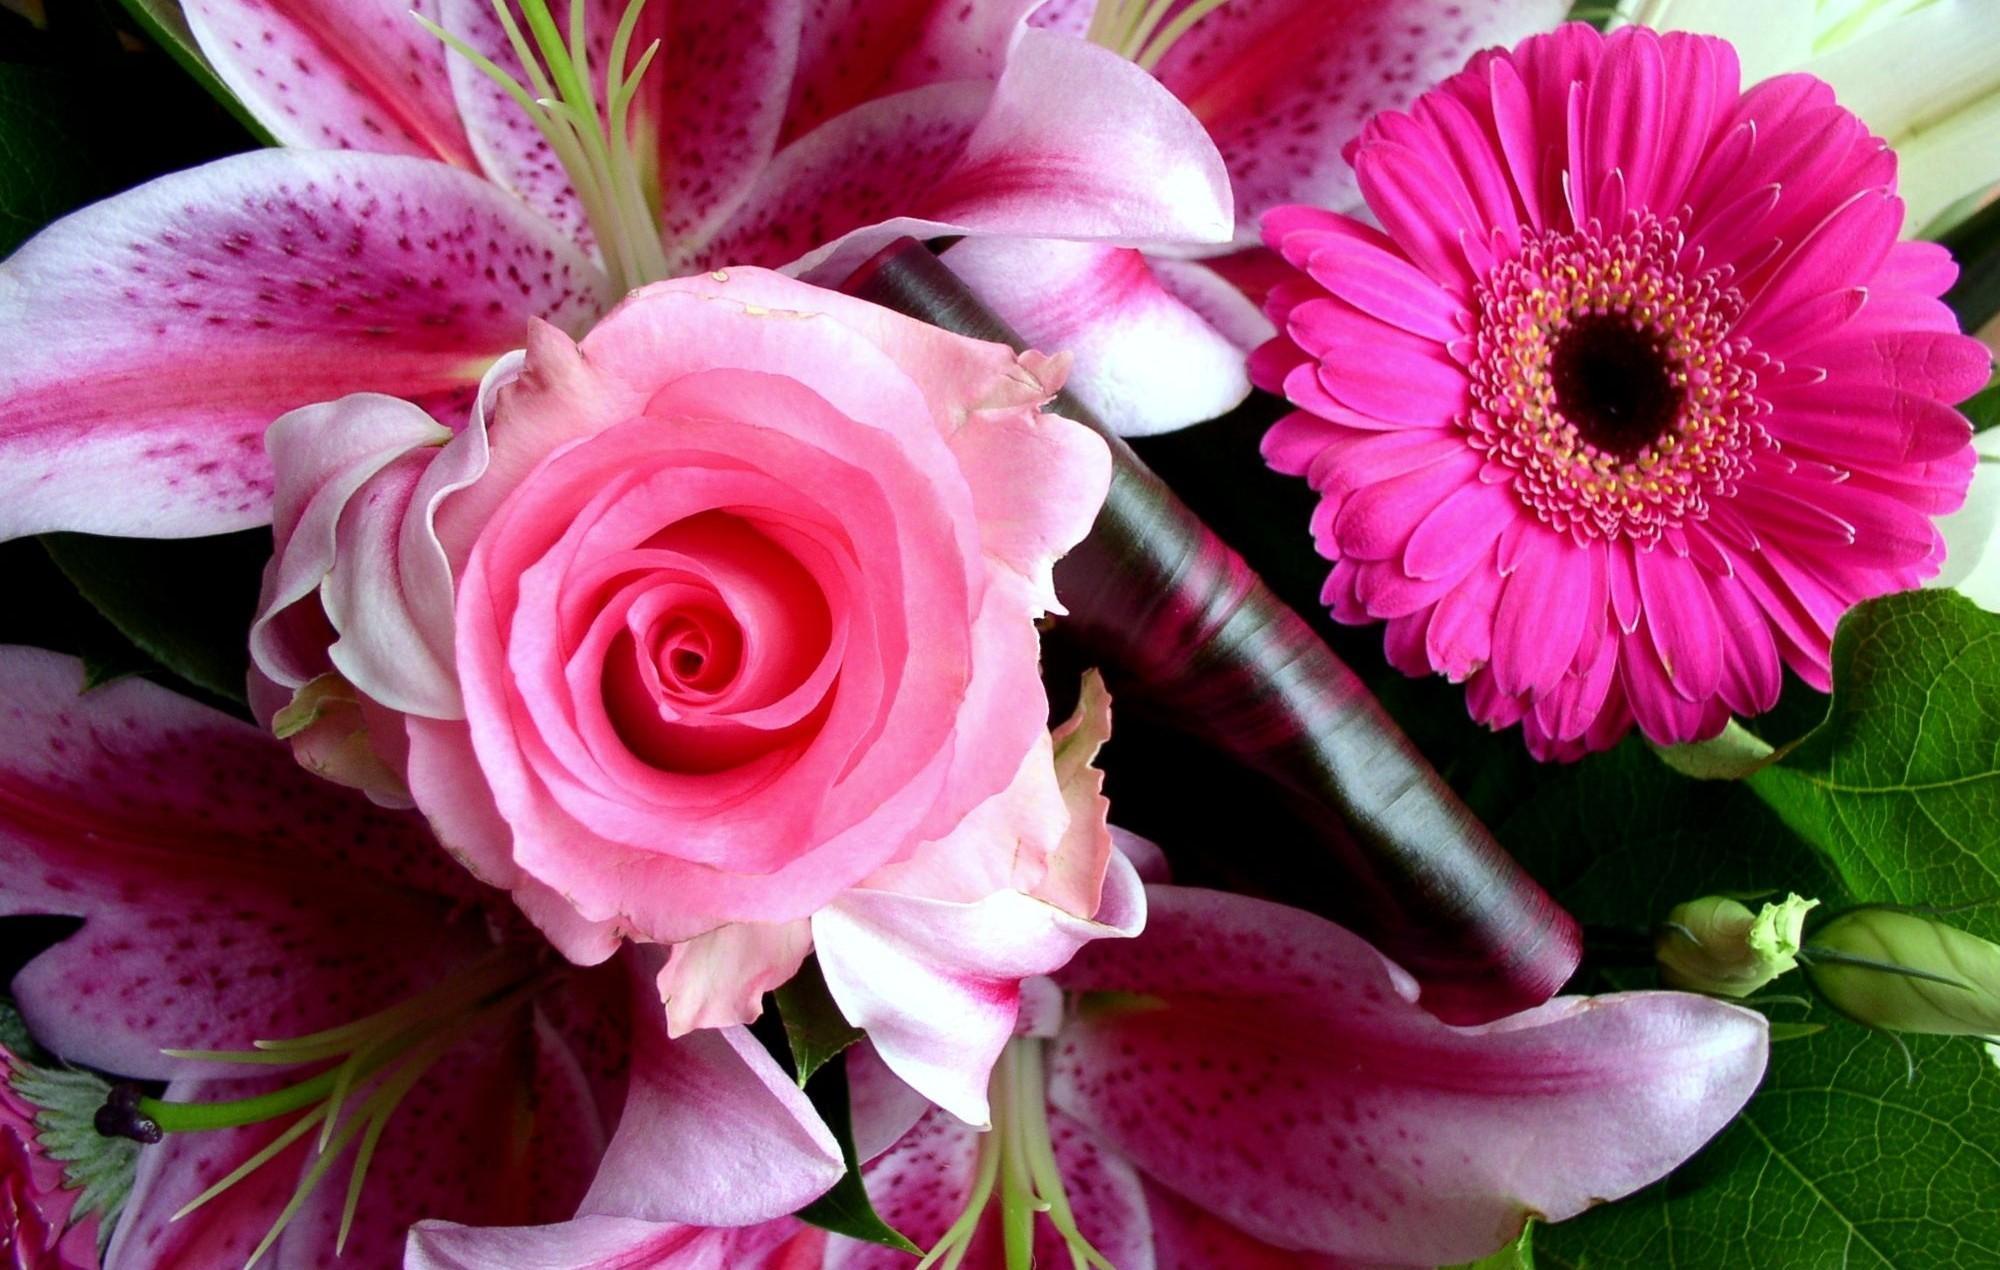 141976 télécharger le fond d'écran Fleurs, Une Rose, Rose, Gerbera, Lilies, Bouquet, Fermer, Gros Plan - économiseurs d'écran et images gratuitement